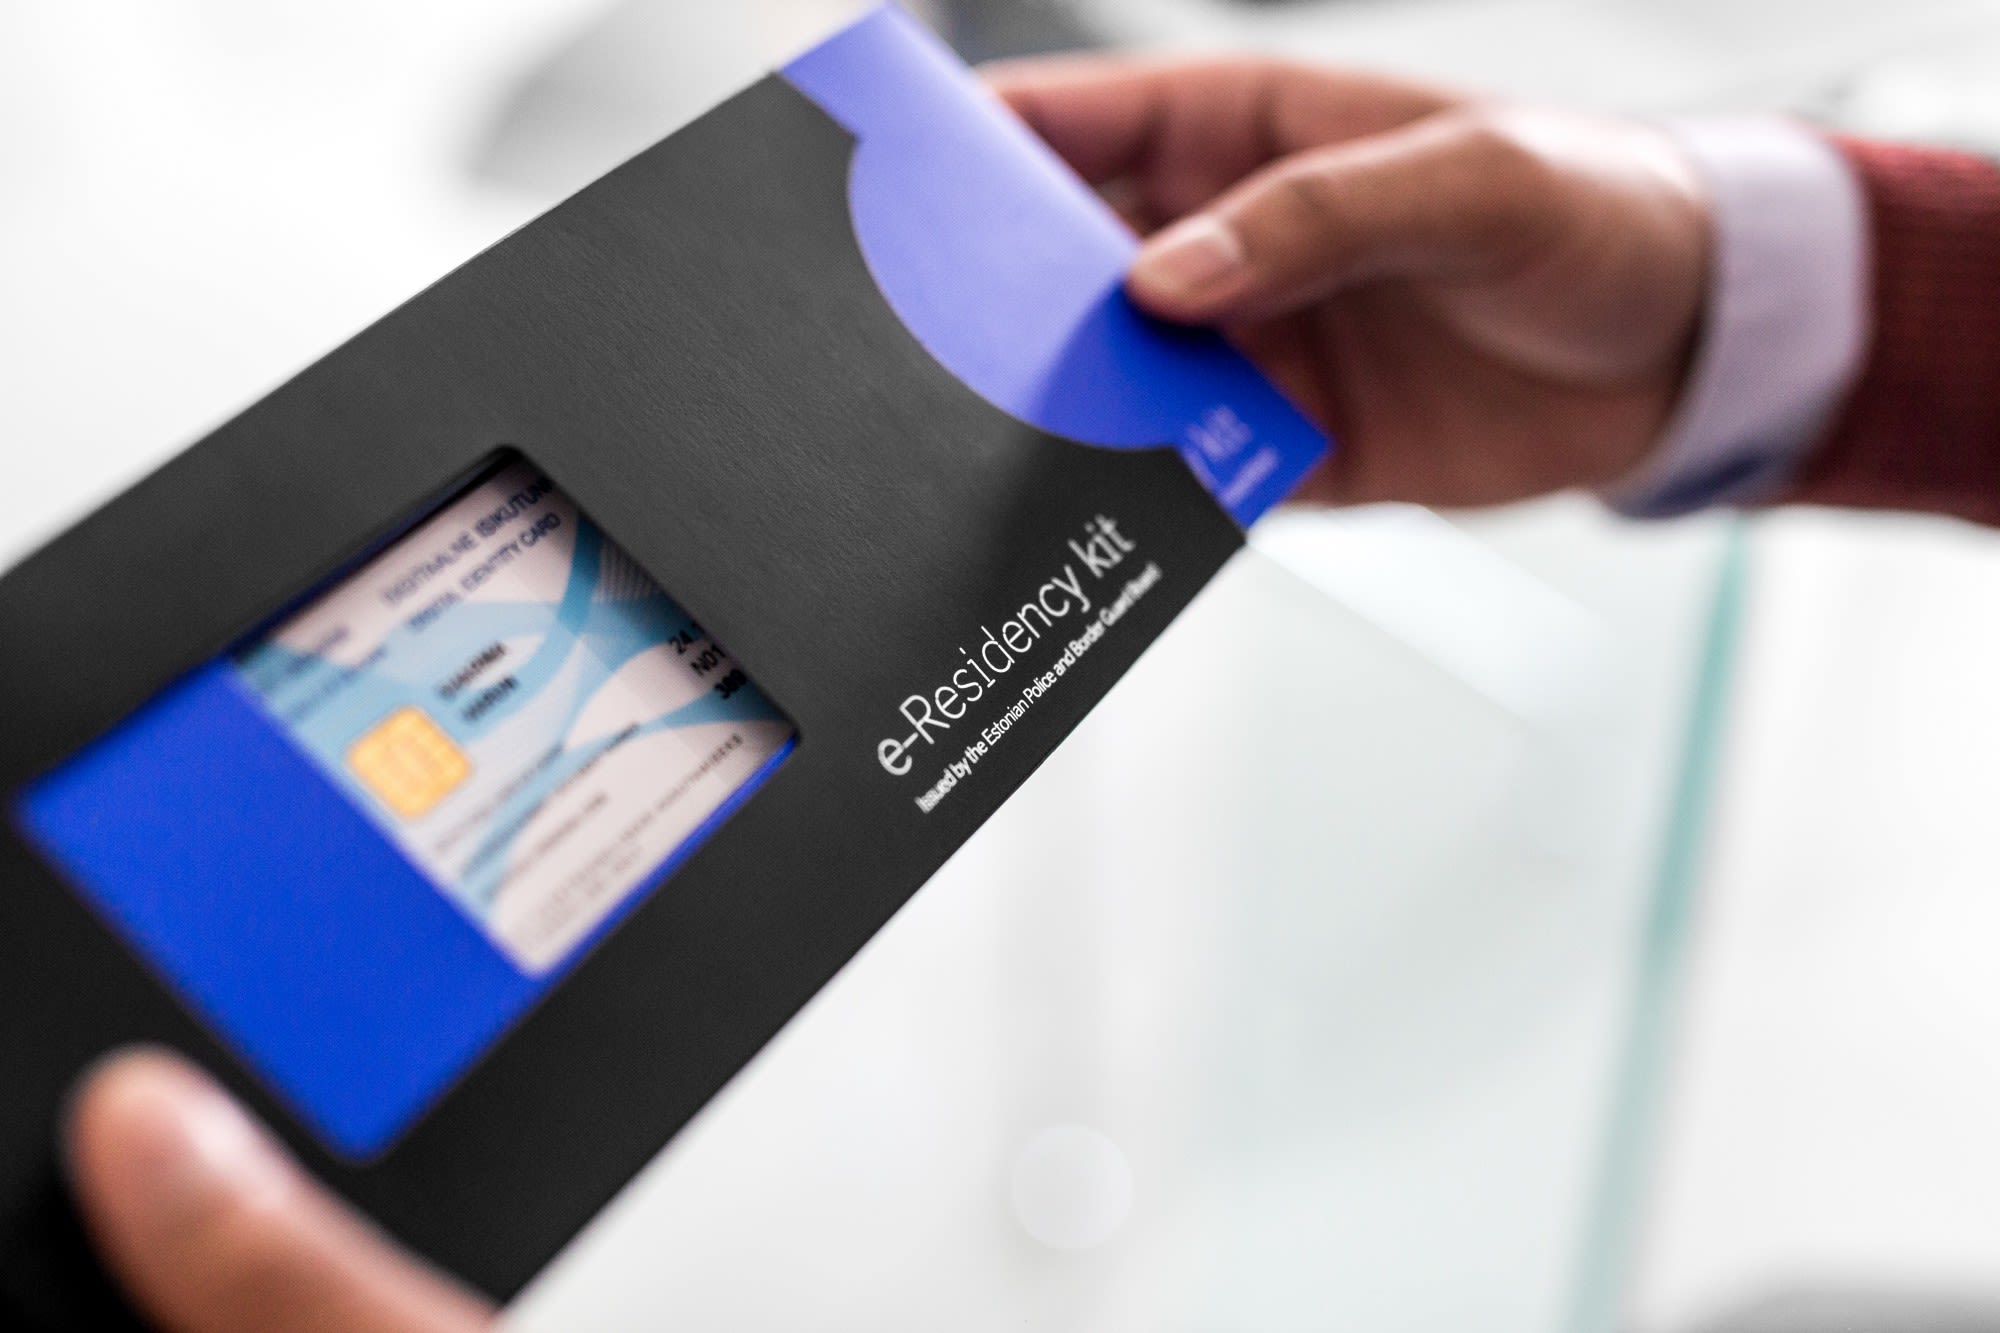 Продавцы из Индии получают доступ к европейскому Амазон и PayPal через электронное гражданство Эстонии